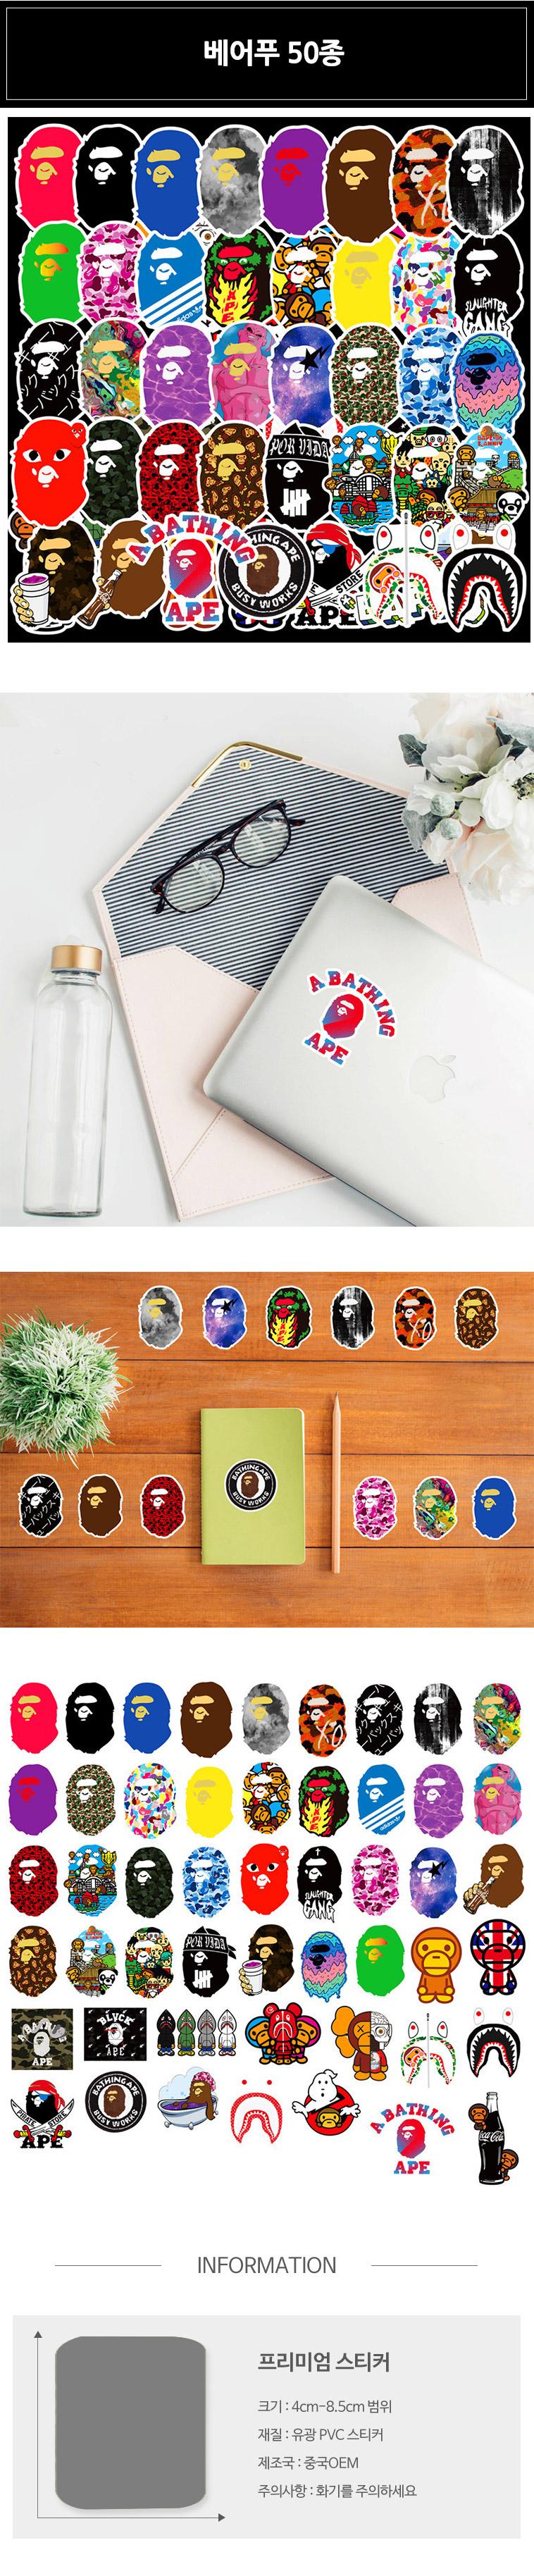 베어푸 50종 고품질 방수 데코스티커  캐리어 노트북 - 나와또, 14,900원, 보호커버/스티커, 스티커